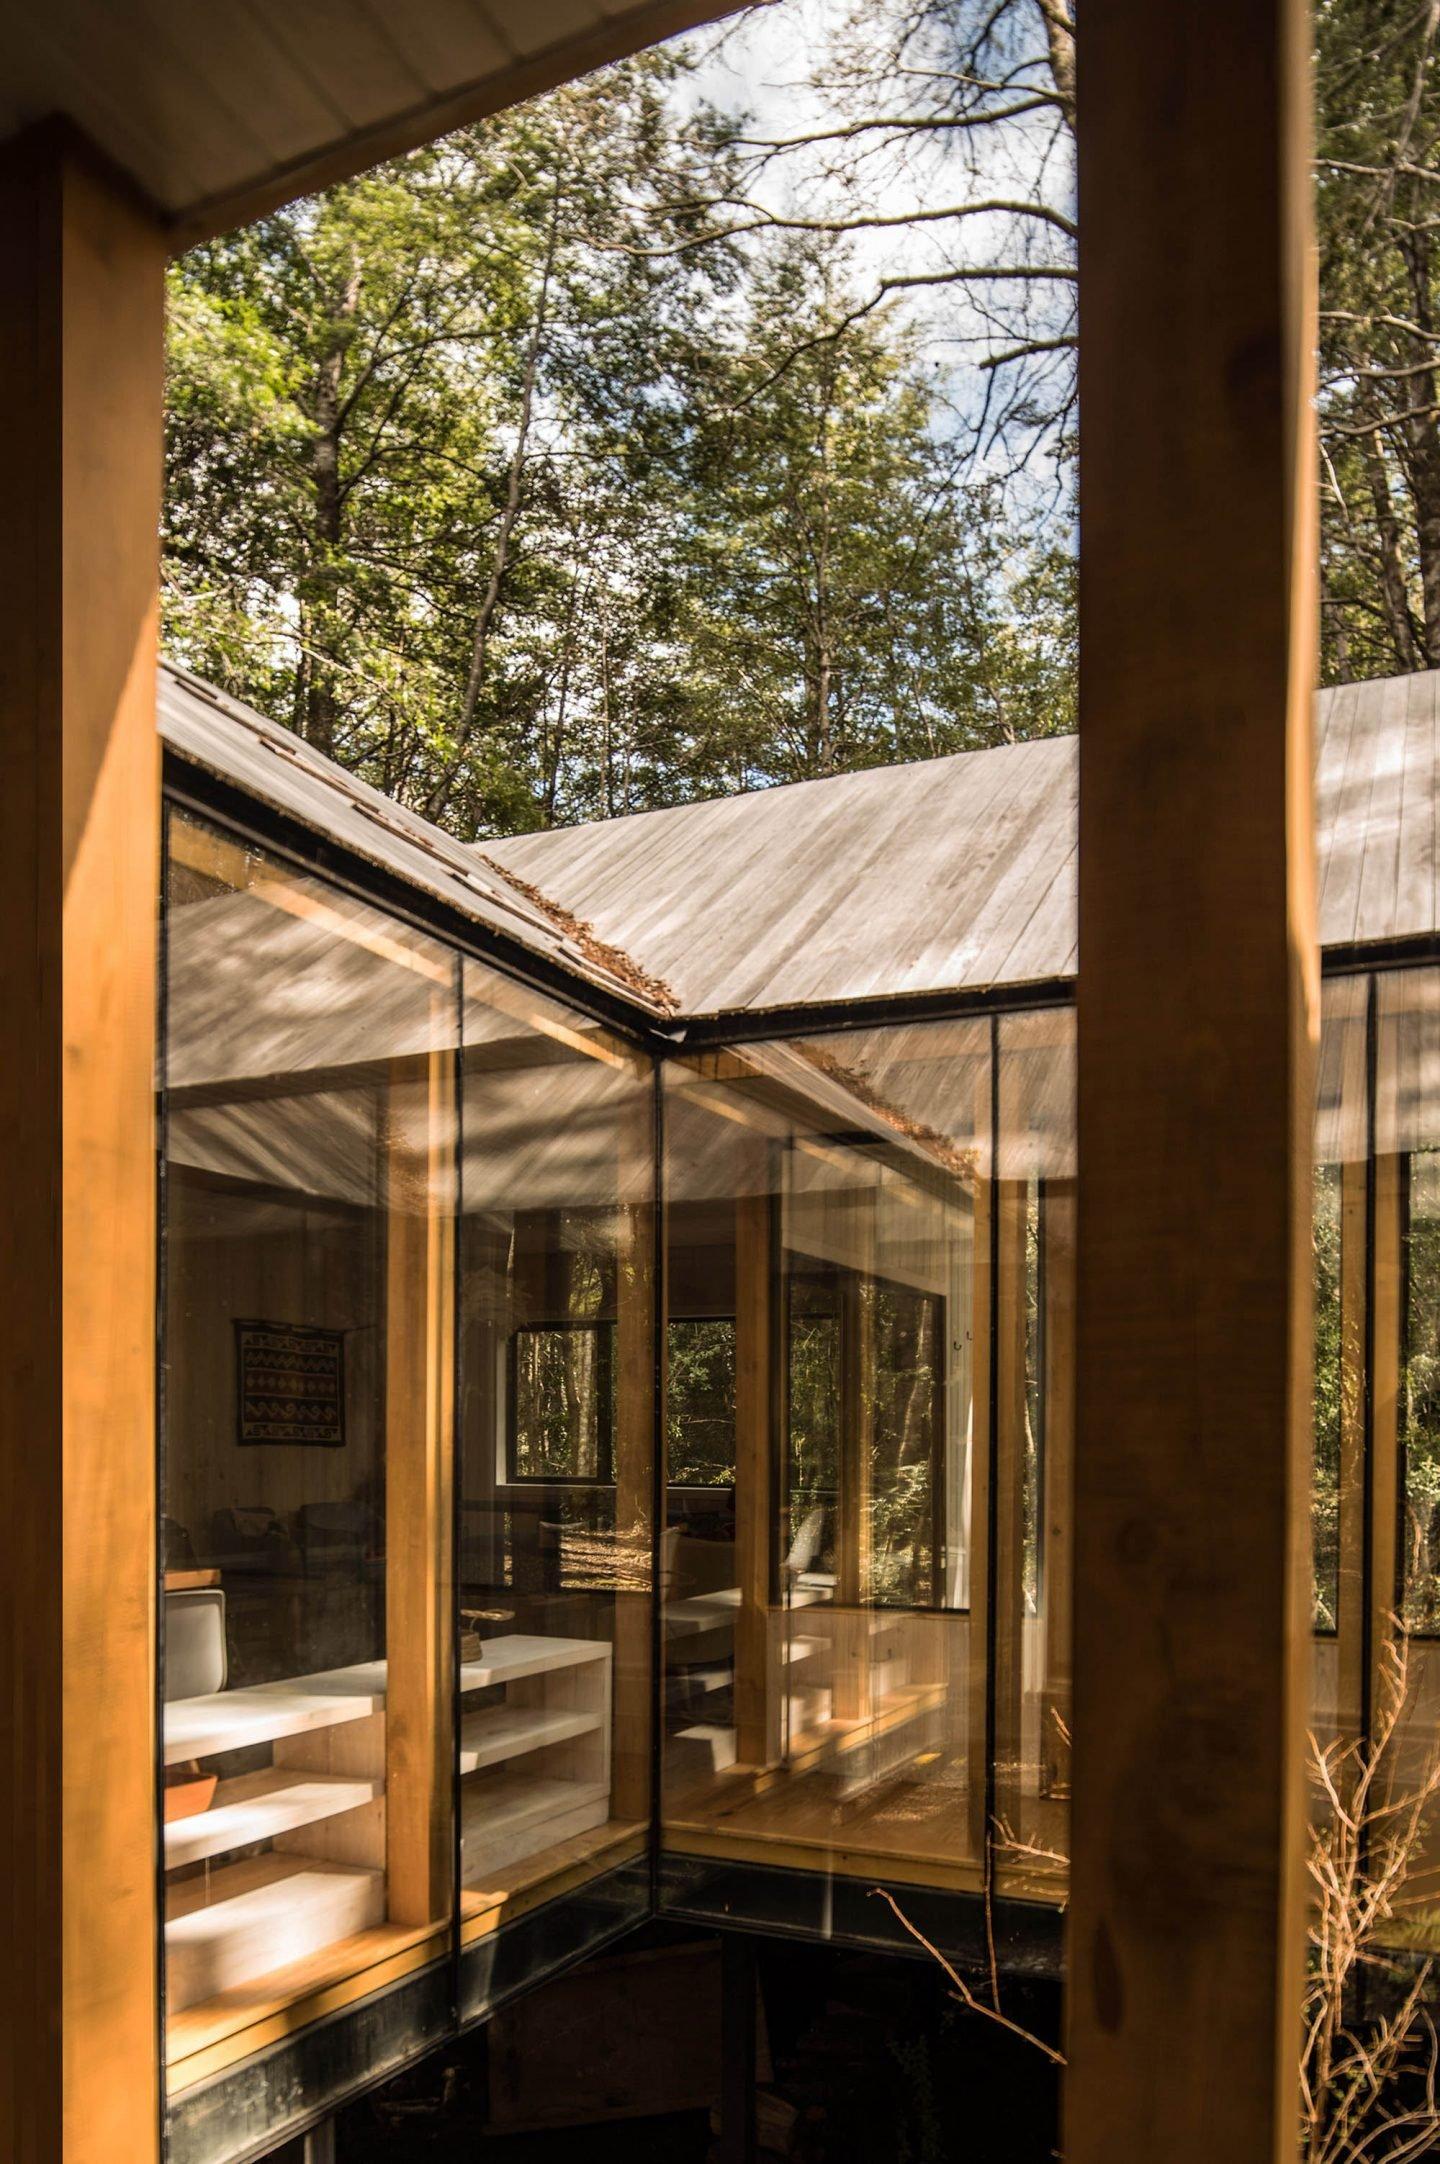 IGNANT-Architecture-SAAArquitecturaoTerritorio-RefugioImpluvio-12